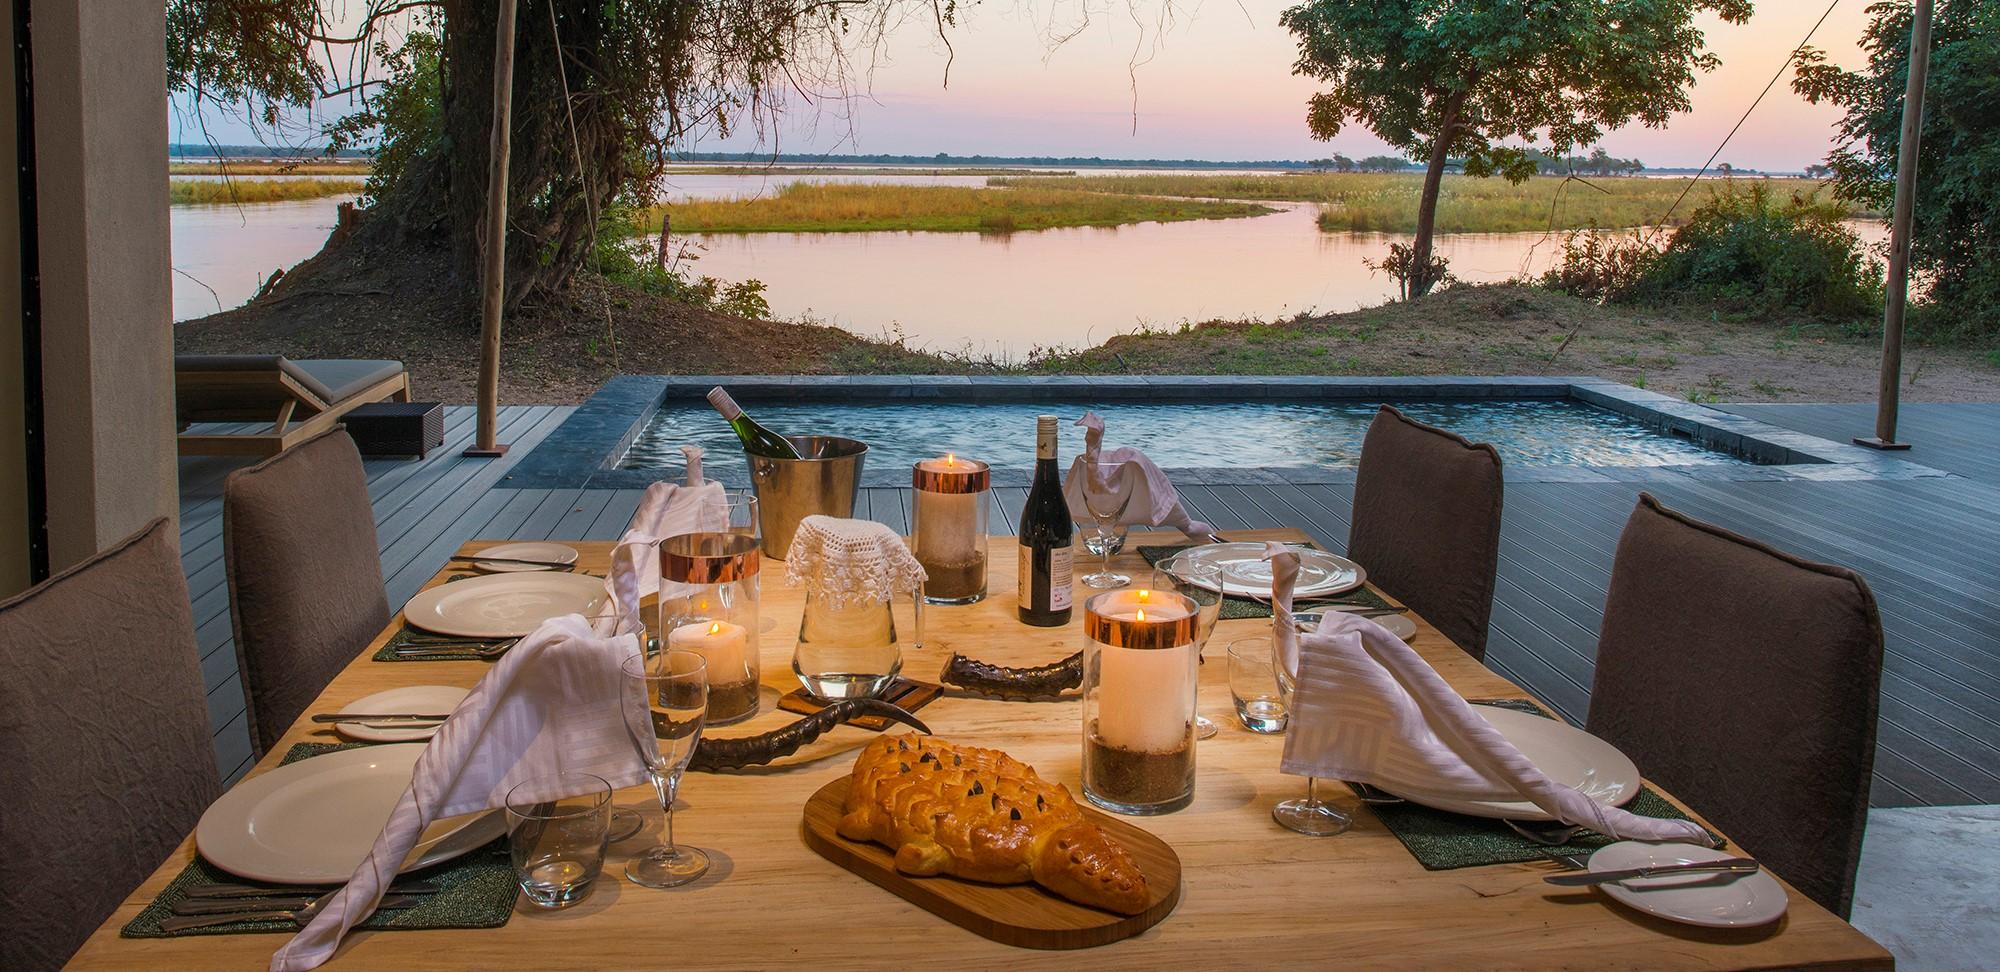 dining-with-zambezi-river-view